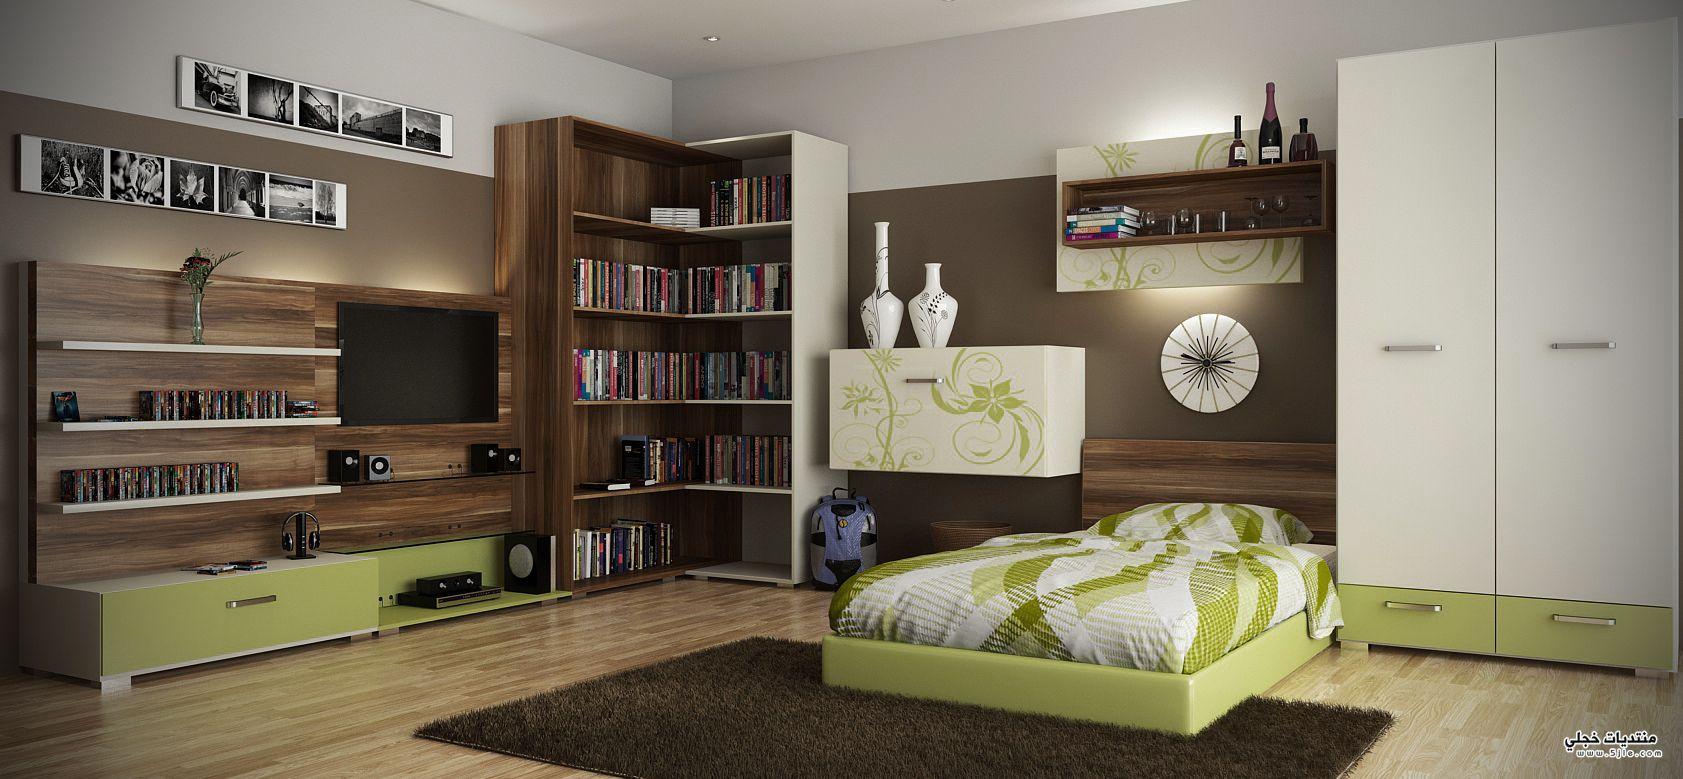 Bedrooms 2013 جديدة 2013 Bedrooms